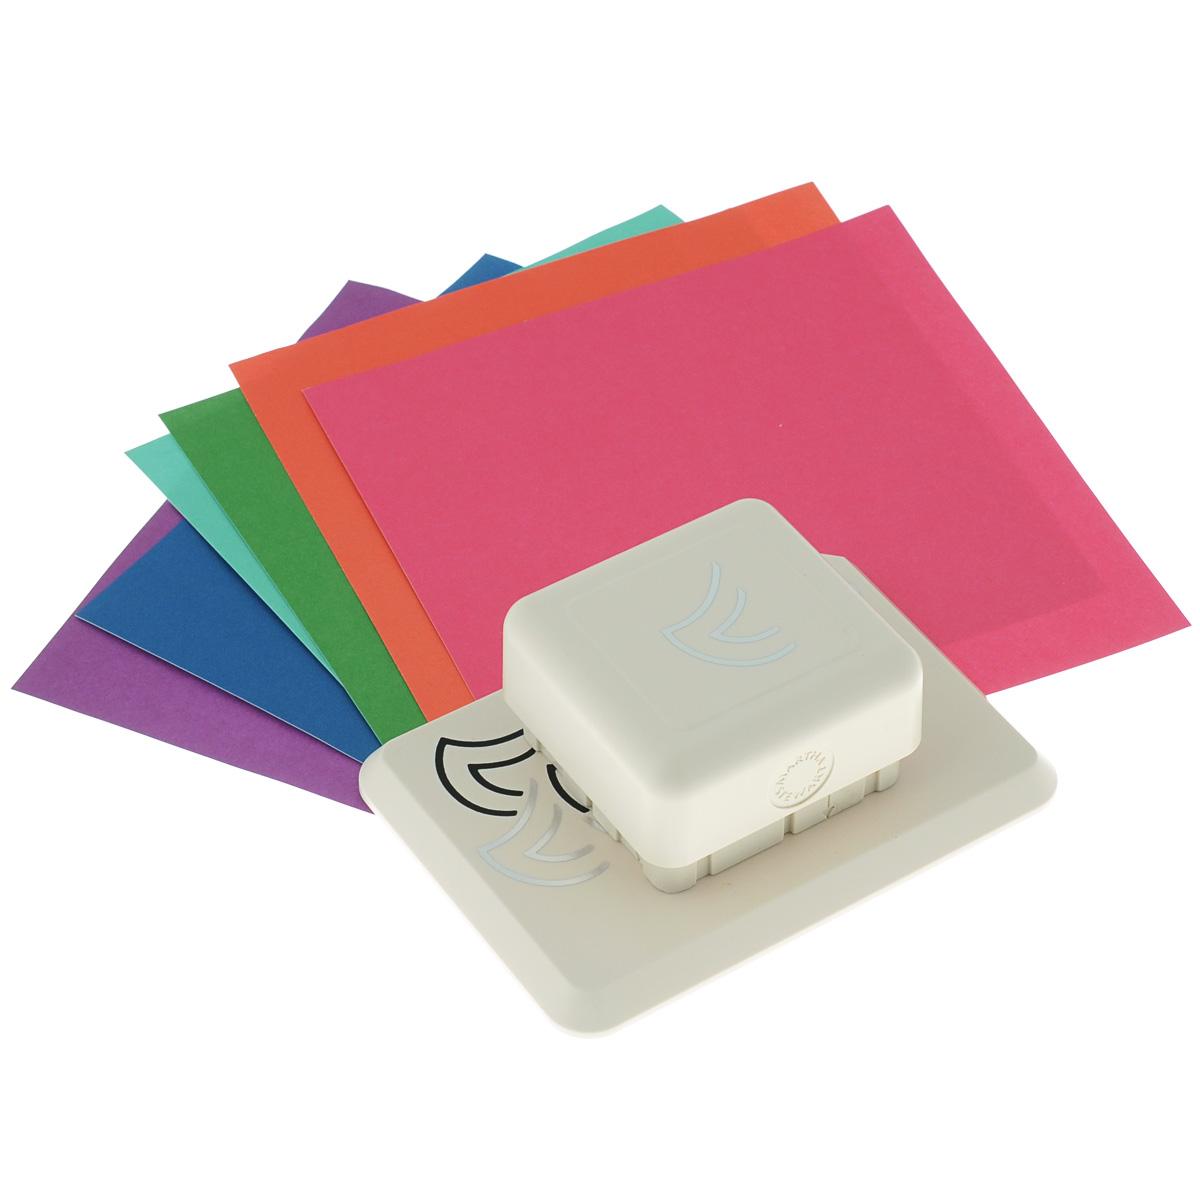 Фигурный дырокол Martha Stewart Георгин для создания объемных украшенийFS-54114Фигурный дырокол Martha Stewart Георгин используется для создания объемных украшений в скрапбукинге для оформления подарков, при создании открыток, скрап-страниц, украшении фотоальбомов. Фигурный дырокол имеет базу на магнитной основе - можно создать рисунок в любом месте бумаги. Инструмент состоит из основы и фигурного дырокола. На ходовой части дырокола с торцов нанесены направляющие стрелки. В комплекте также имеются 6 листов разноцветного картона и подробная инструкция на русском языке. Порядок работы: положите лист бумаги на основу, присоедините дырокол к основе до притяжения магнитов, сделайте вырубку, сдвиньте лист до совпадения вырубки с рисунком на основе, сделайте следующую вырубку. После вырубки всего дизайна отогните вырубленные части и загните их под края предыдущих секций. Виды вырубки: круг 9 см, круг 15 см, вырубка по прямой. Сделайте подложку для листа с вырубкой для наибольшего эффекта.Размер инструмента: 12,5 см х 9 см х 5 см.